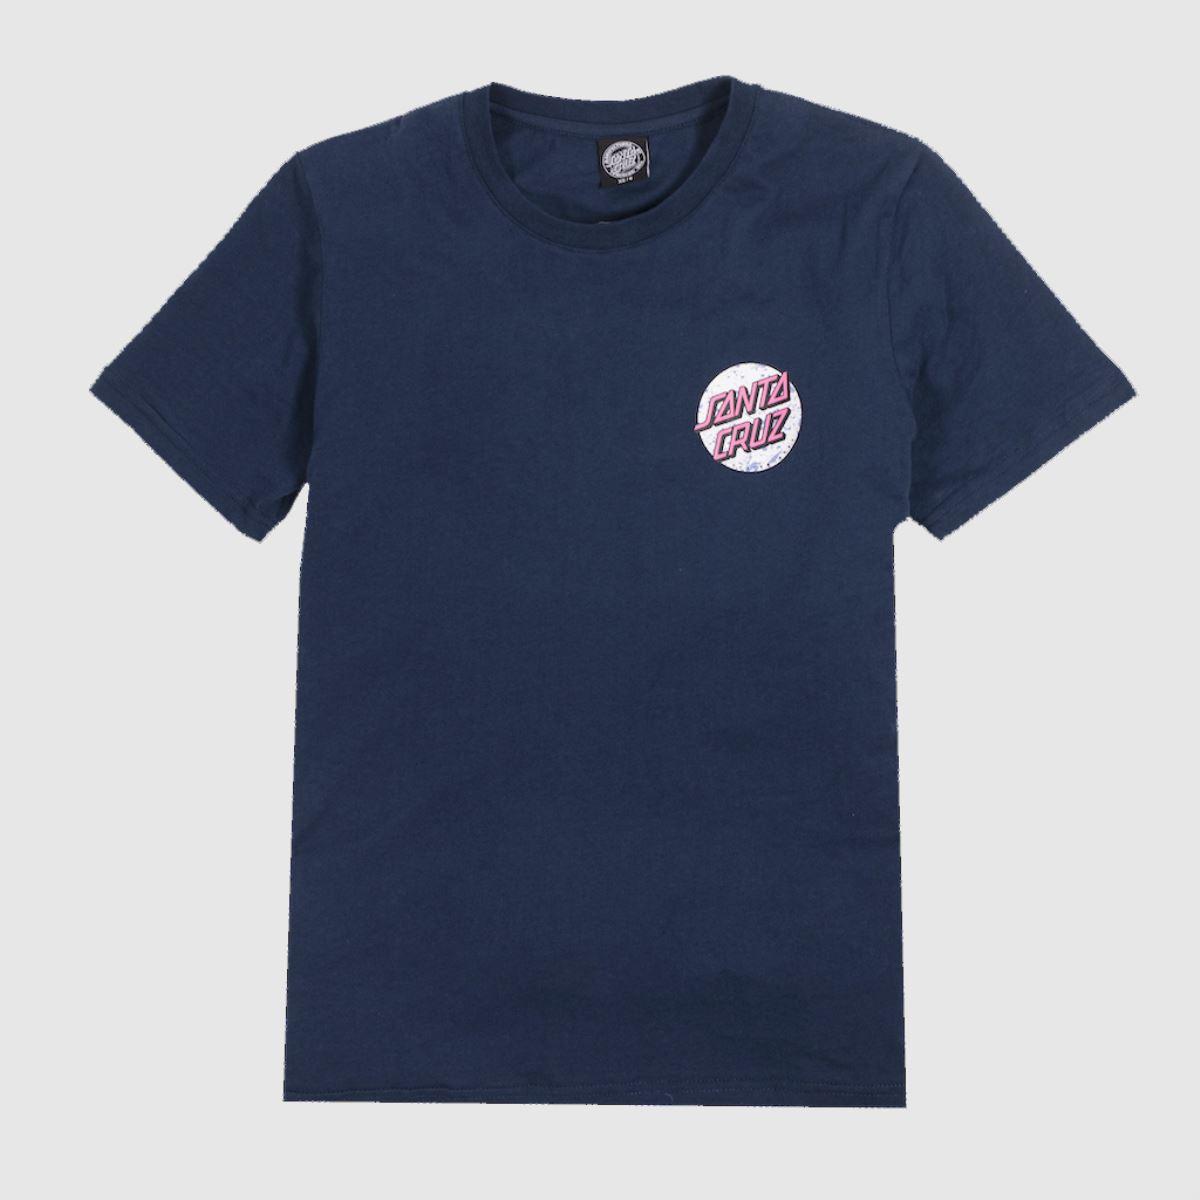 Santa Cruz Clothing Santa Cruz Navy Speckled Dot T-shirt